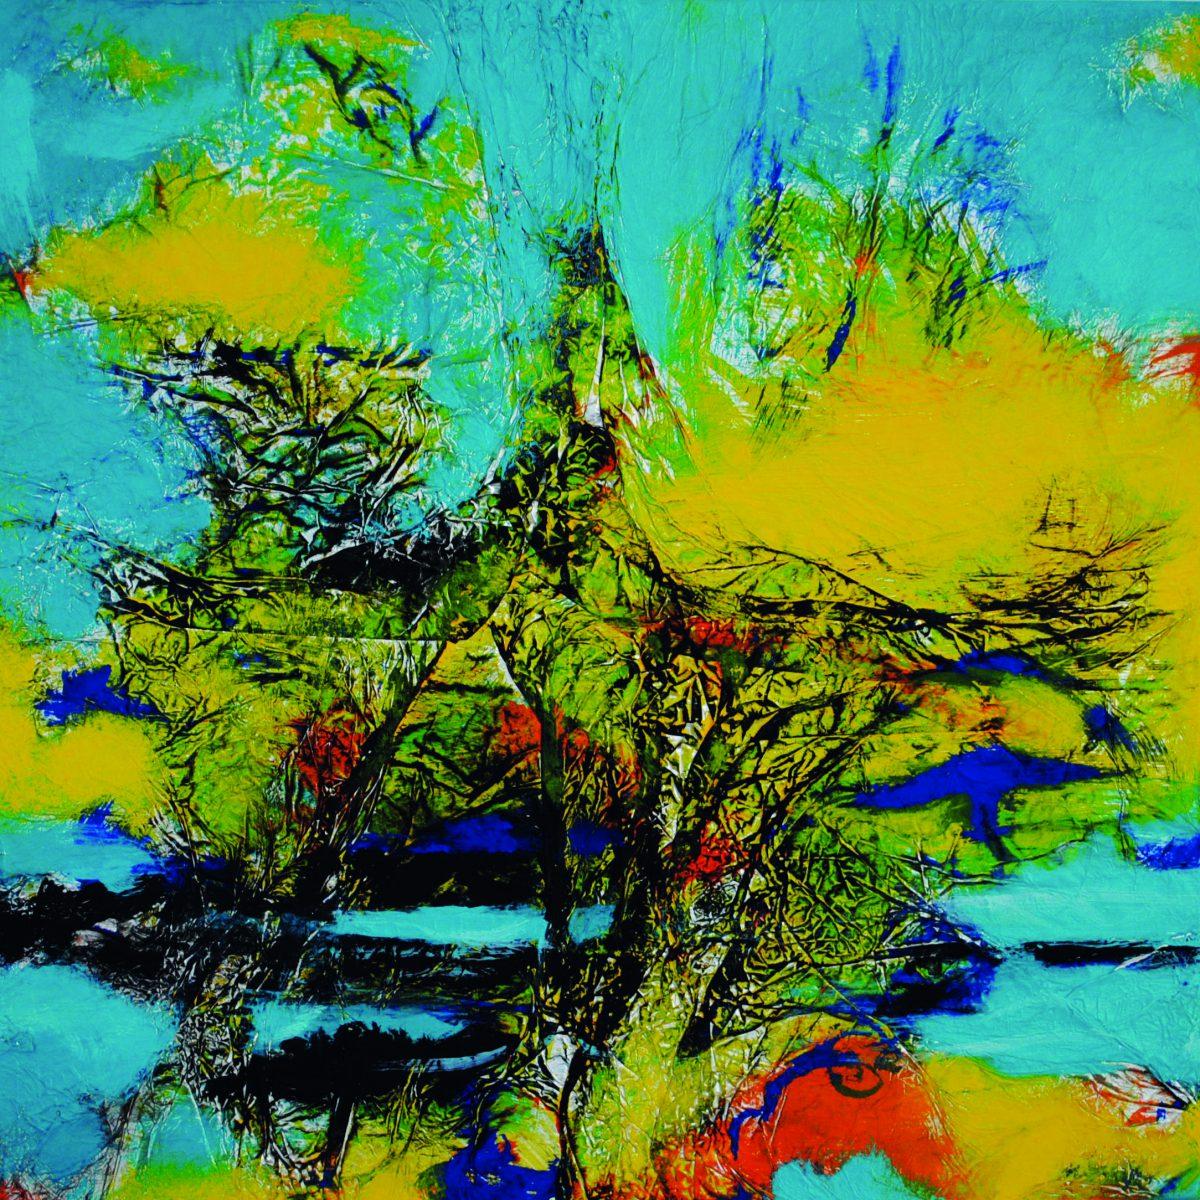 188_2013_Power Land_Acryl auf Alufolie_40x40